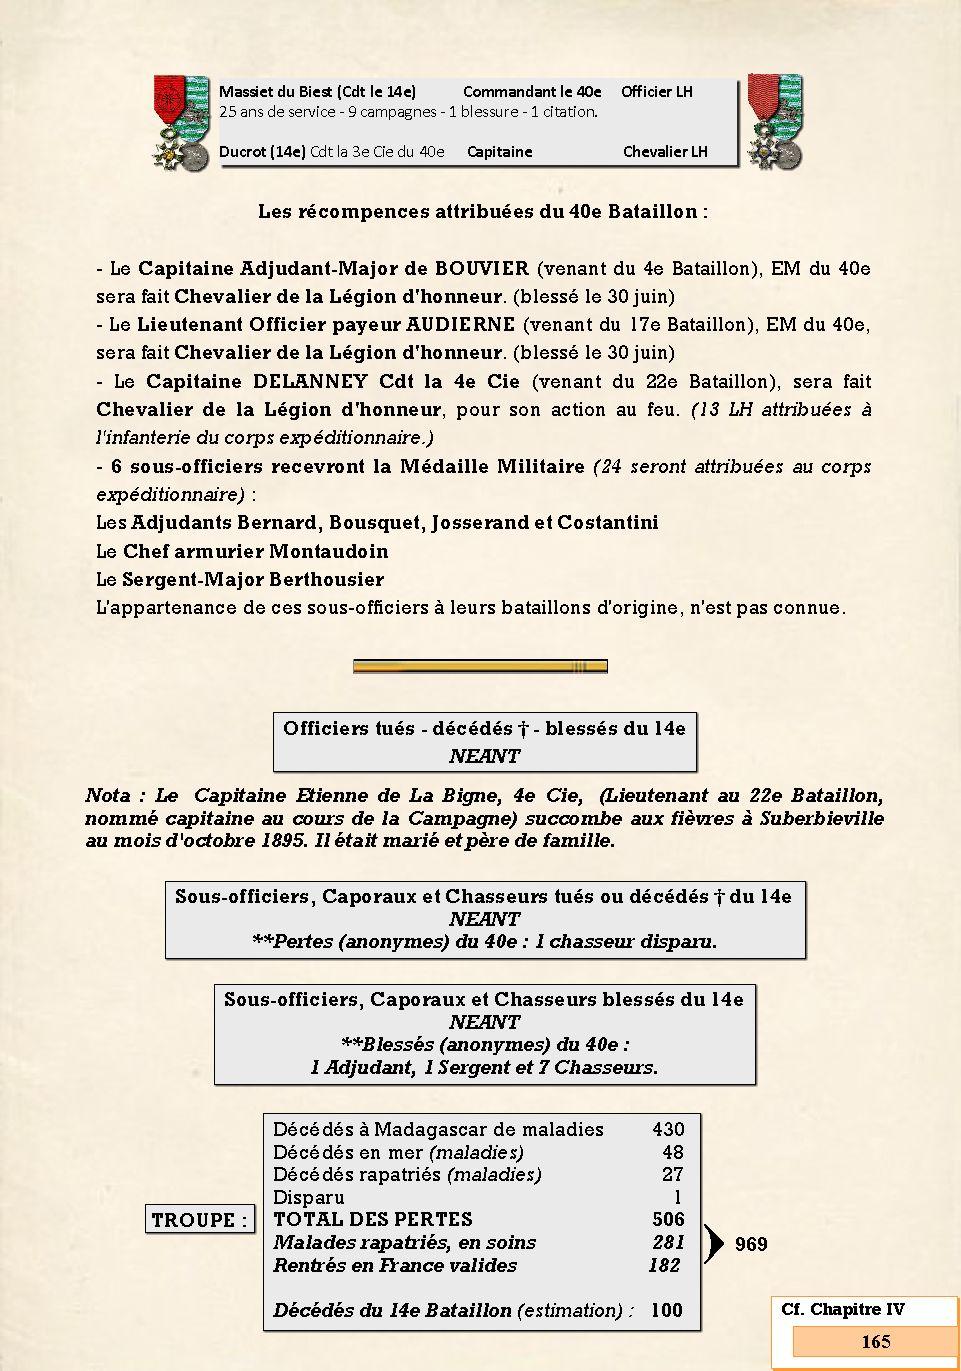 L'Historique du 14e Bataillon de Chasseurs. 1854 - 1962 Page_187